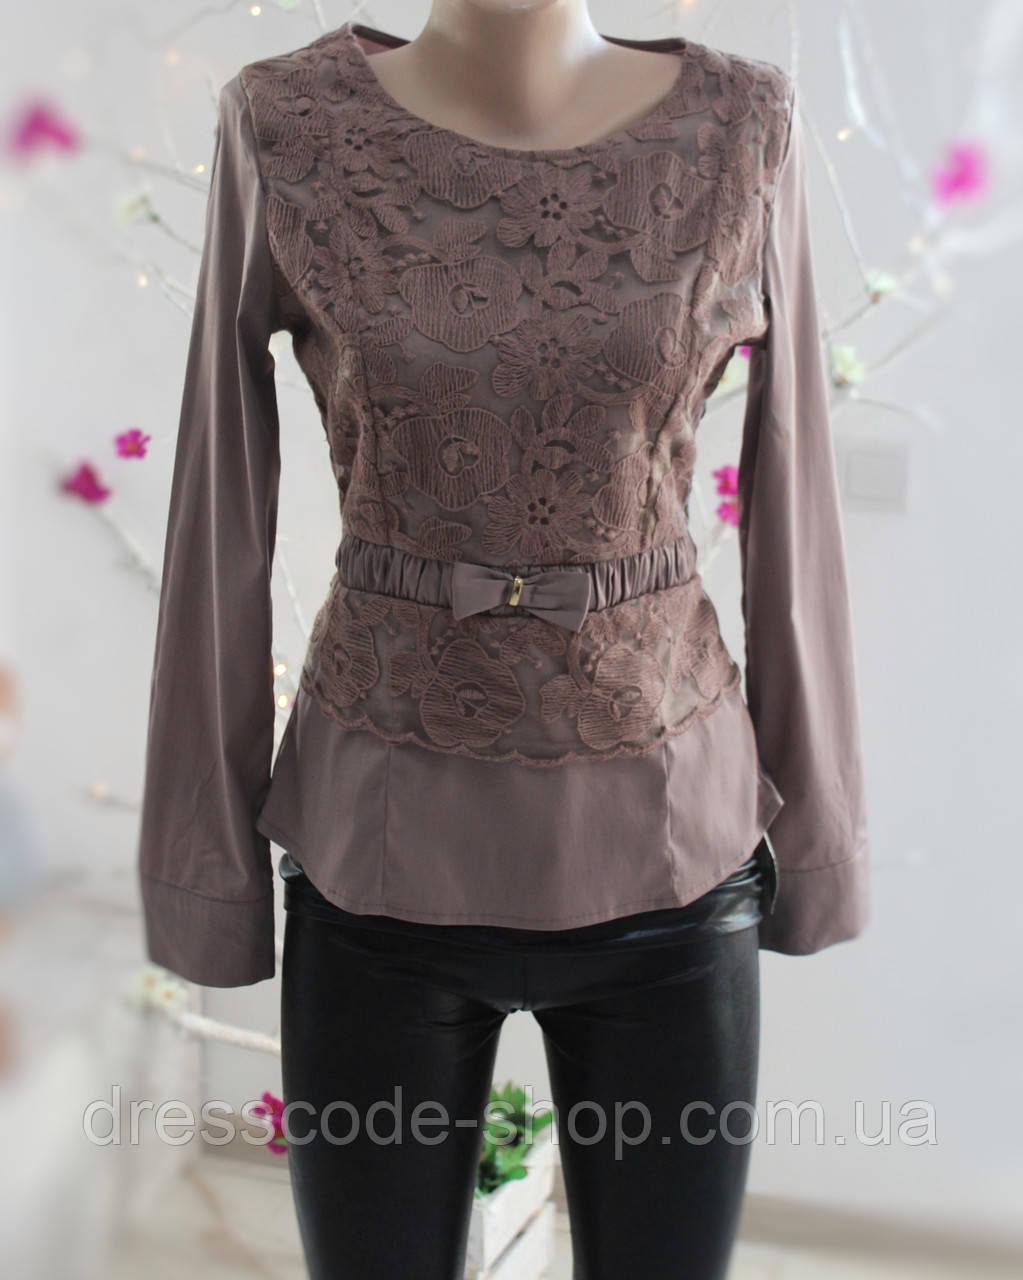 83bec5e677b Блуза коричневая с кружевом и бантом на талии коричневая - Dresscode-shop в  Житомирской области